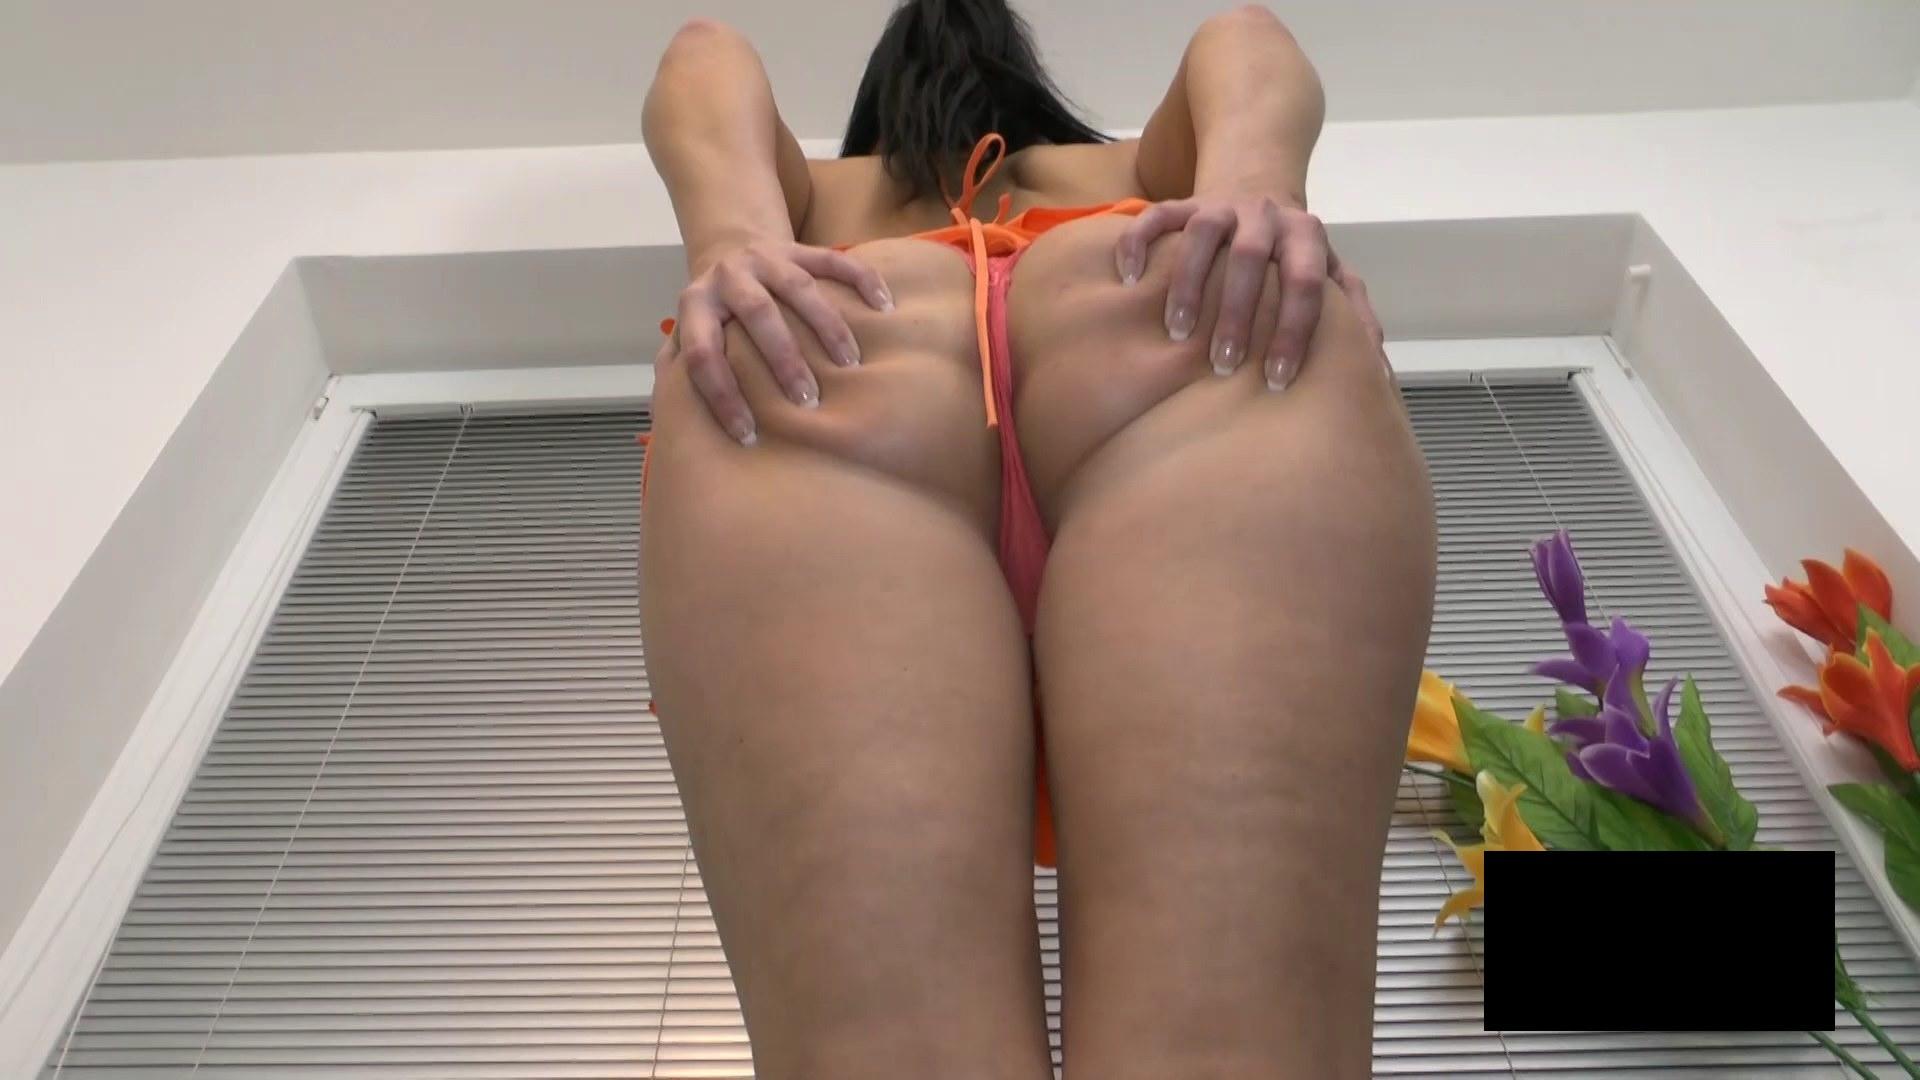 脂肪たっぷりの東欧熟女の脱衣ヌード画像貼ってくwwwwwwwww N5fo7U0